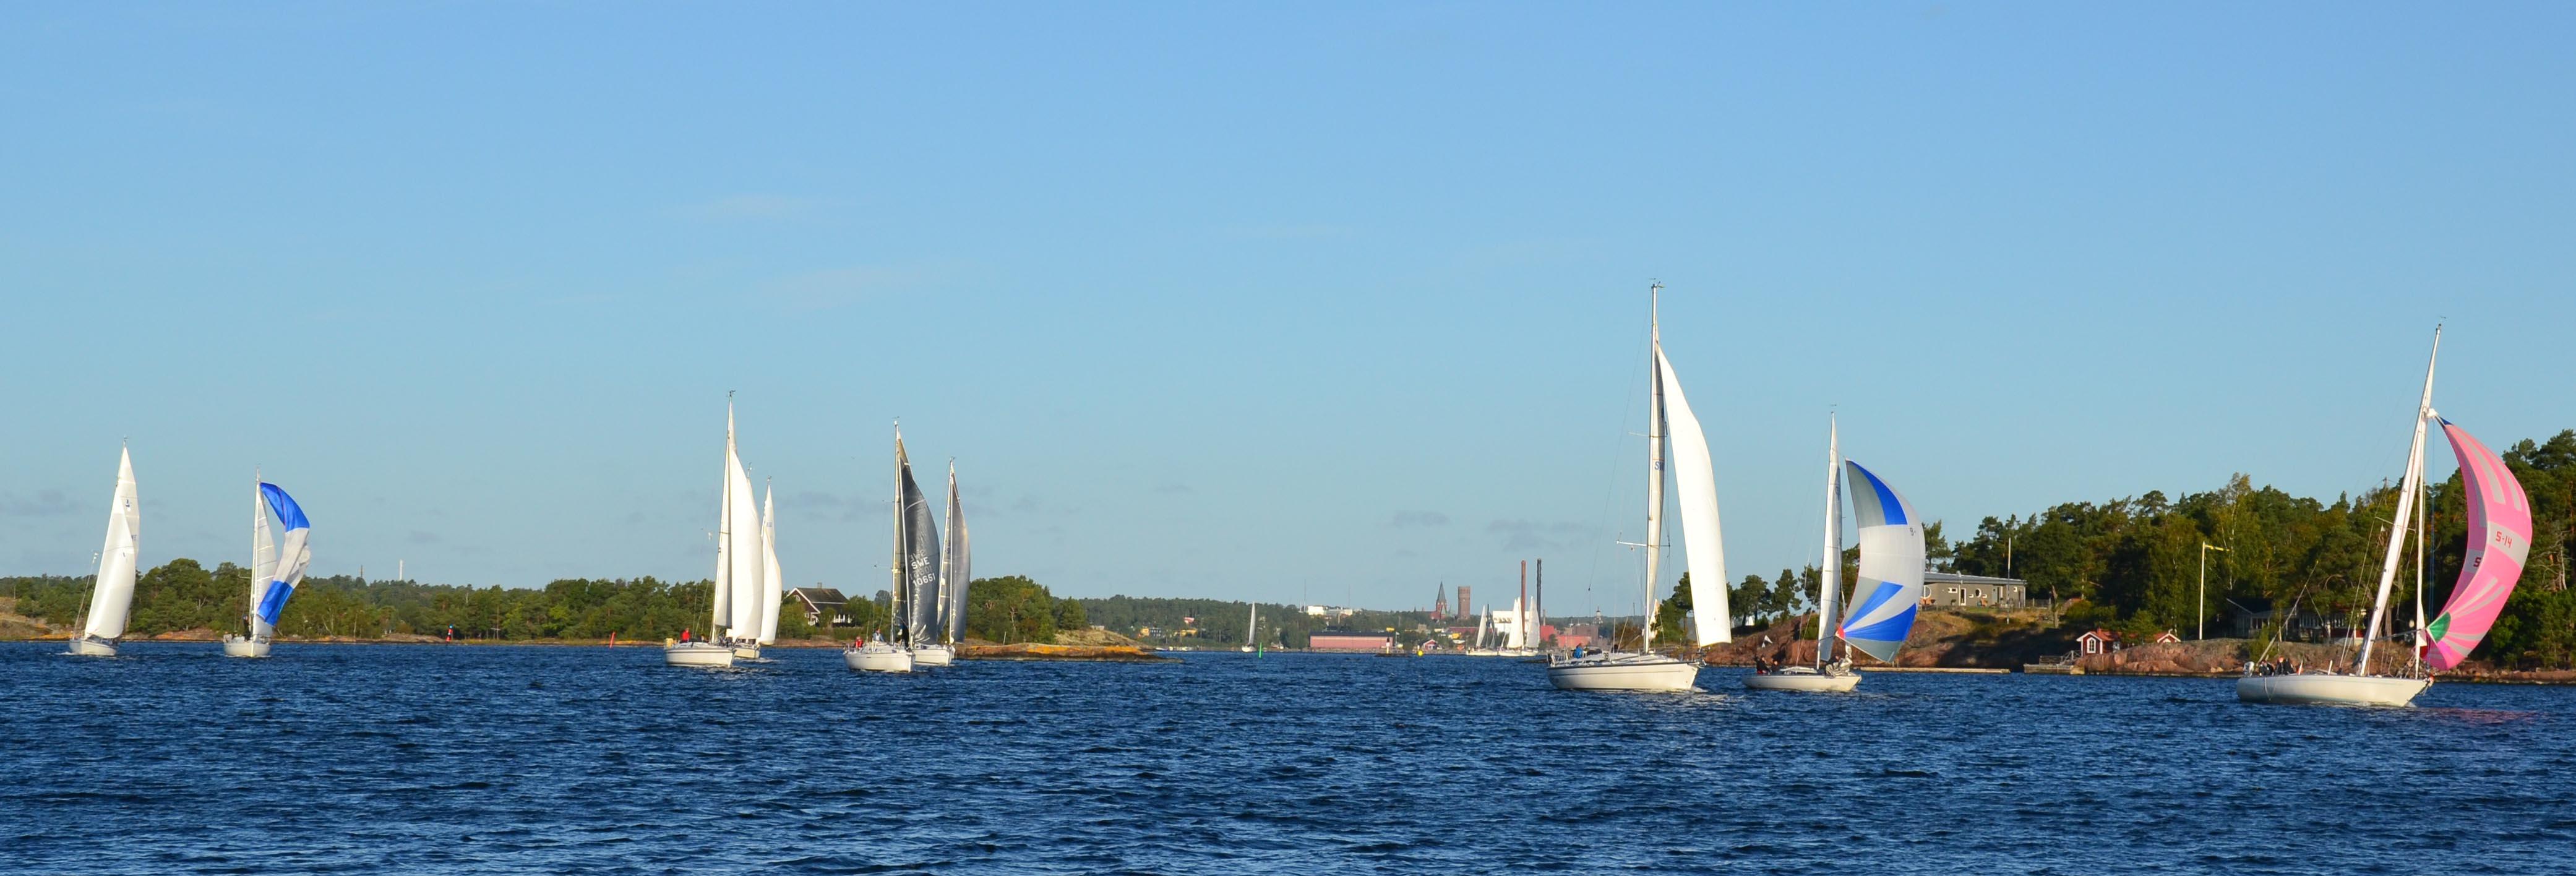 Starten utanför Skansholmen